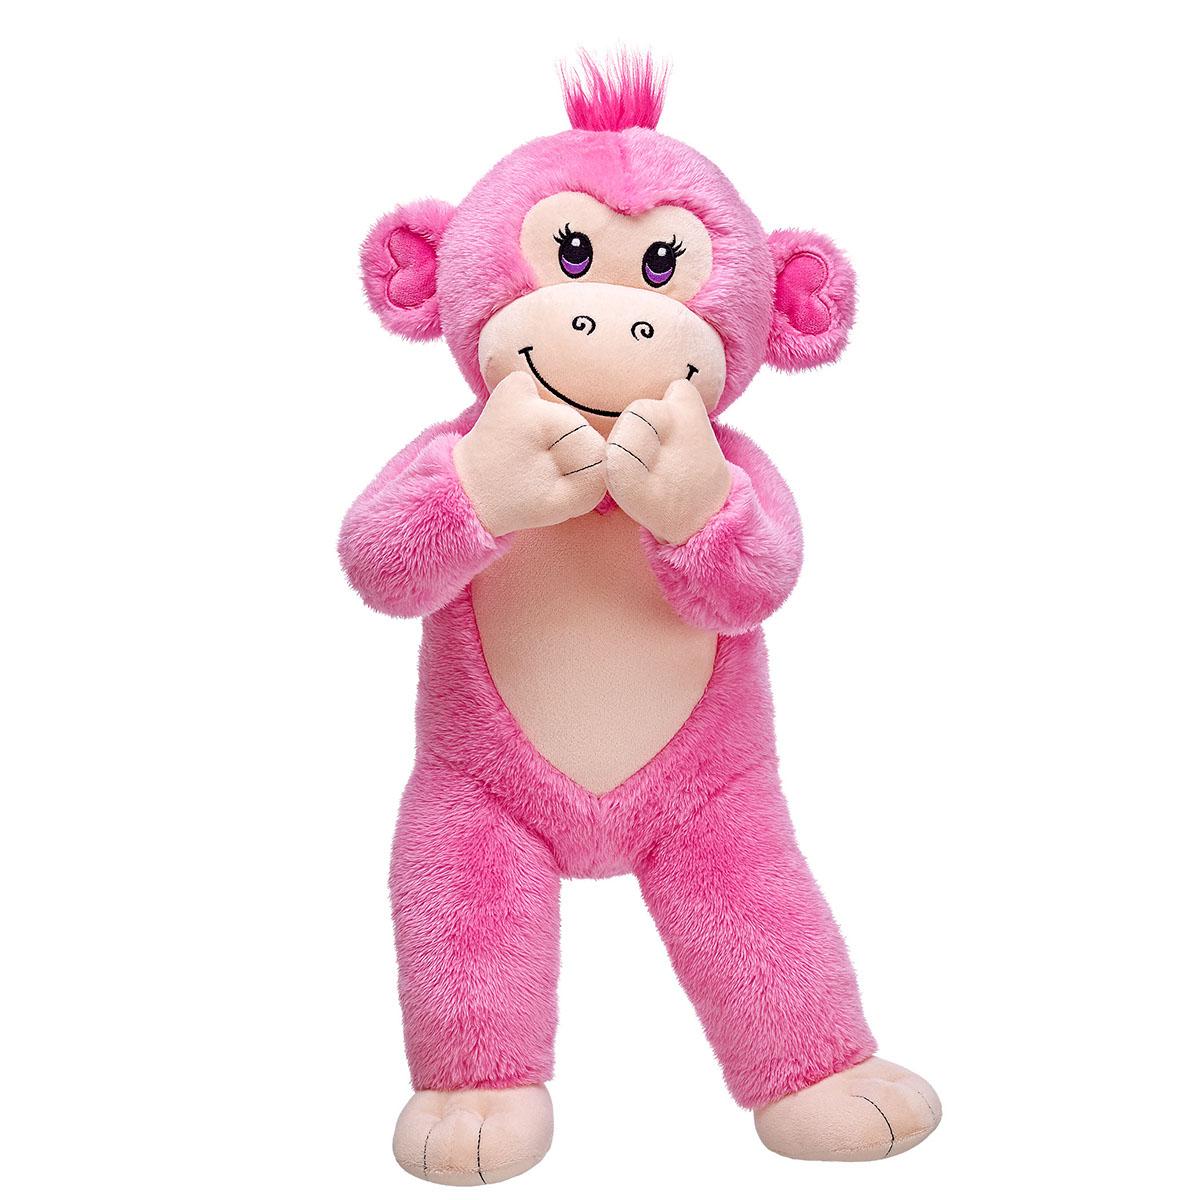 build-a-bear toy plush stuffed animal marvel rainbow teddy bear